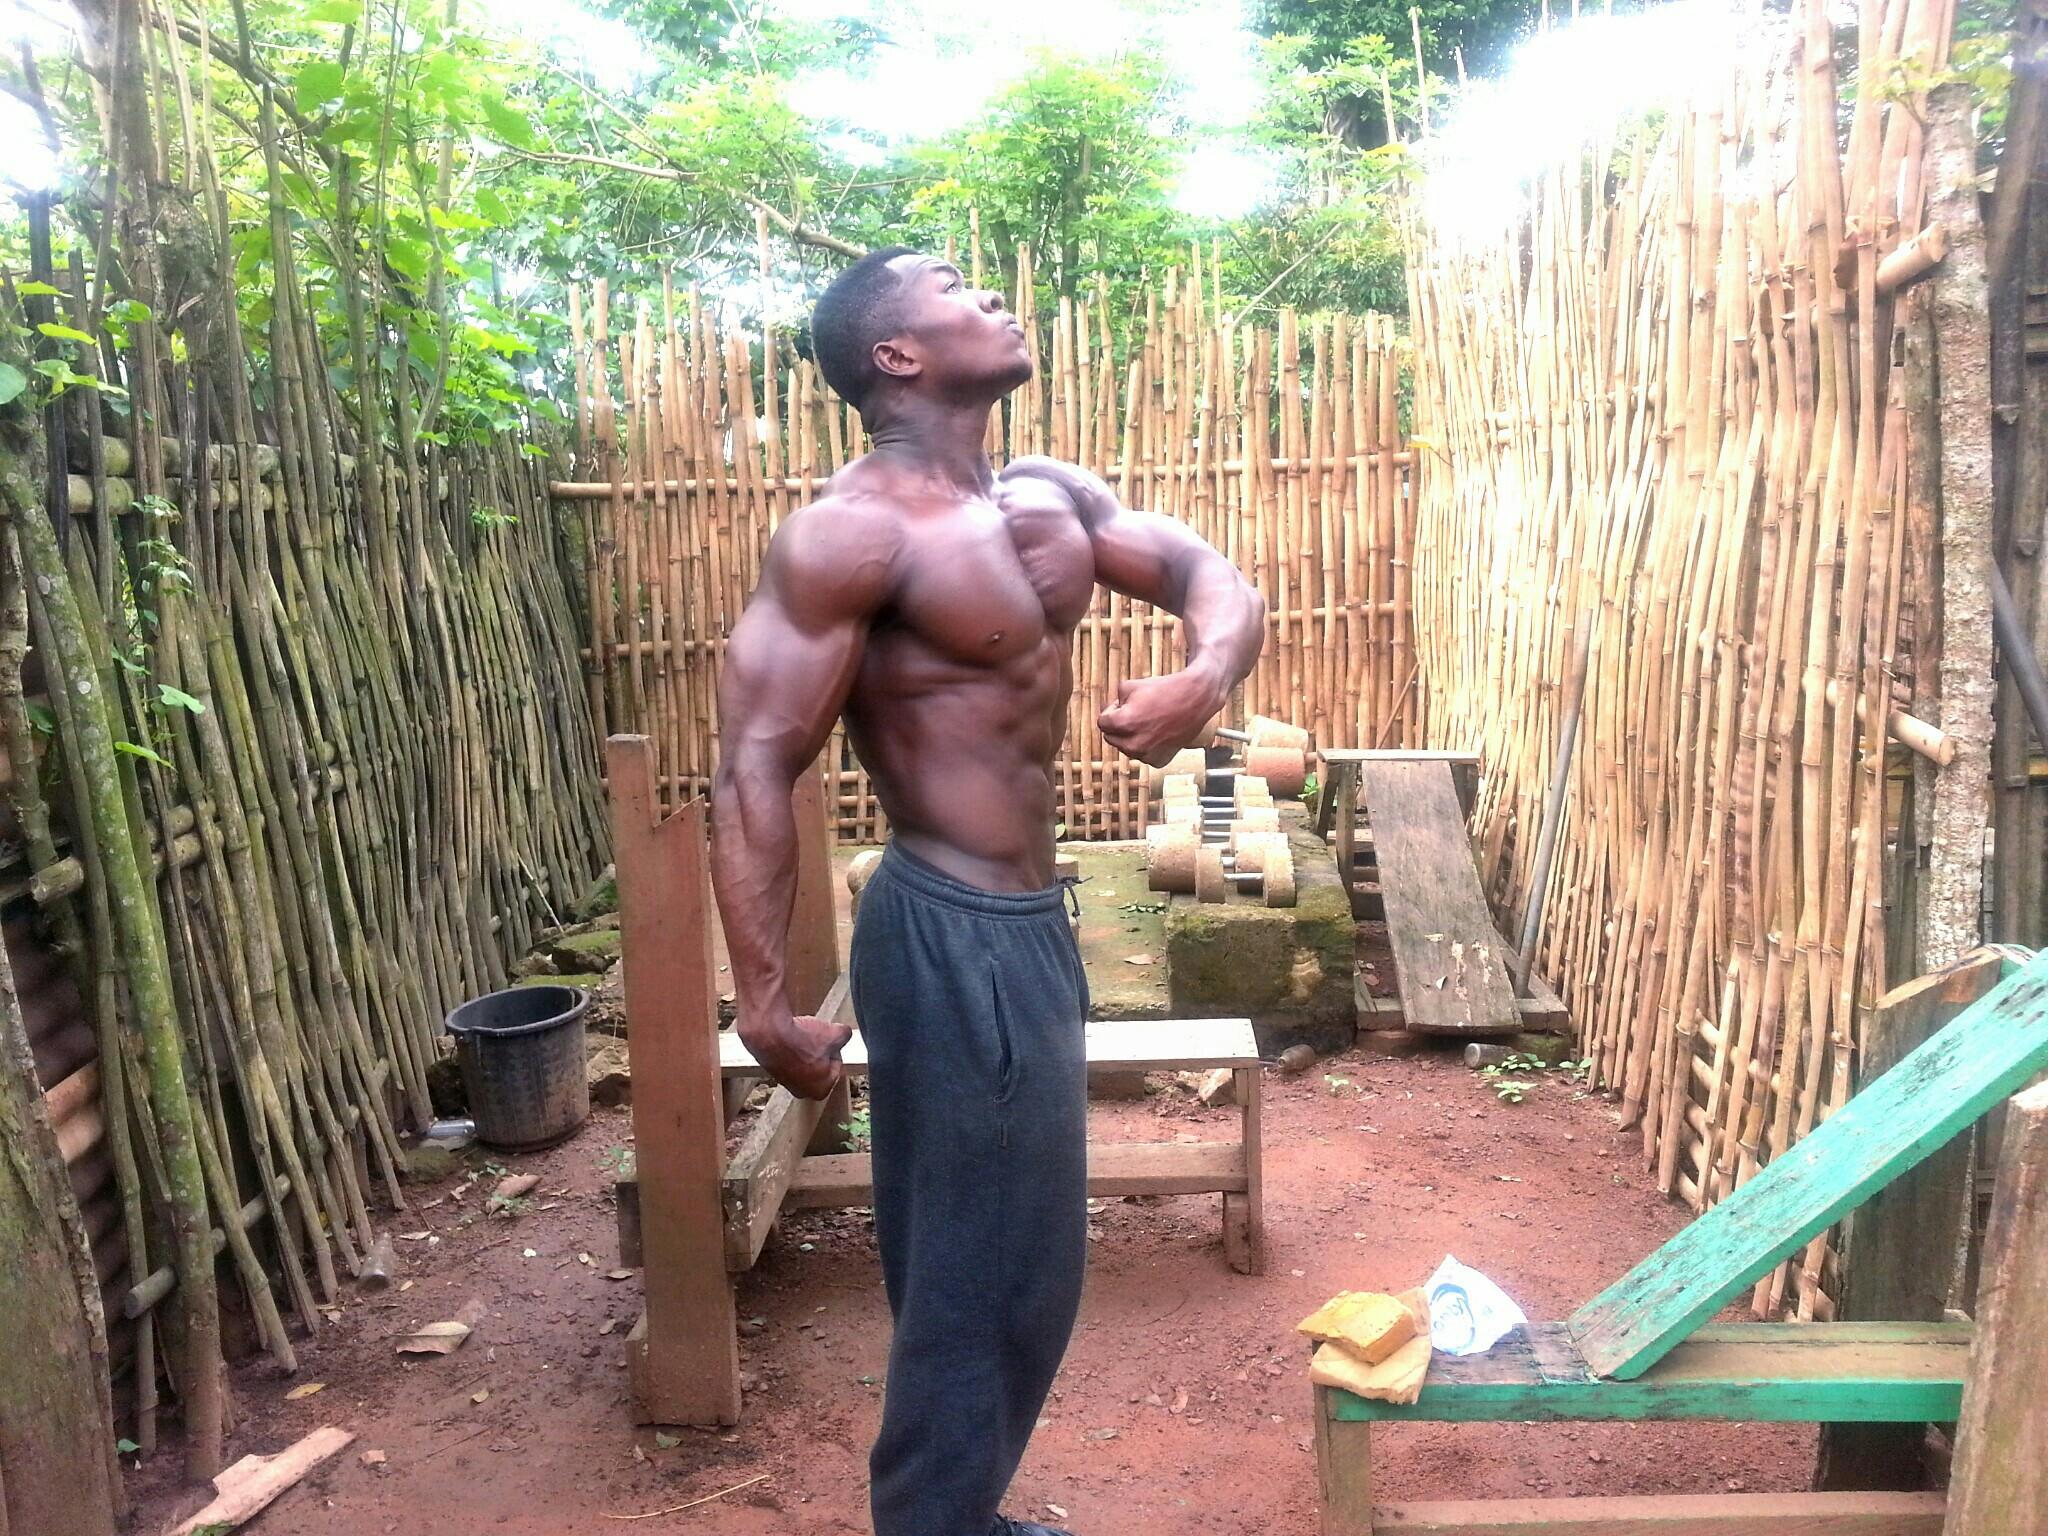 Самуэль Кульбила - качок-самородок из африканской глубинки